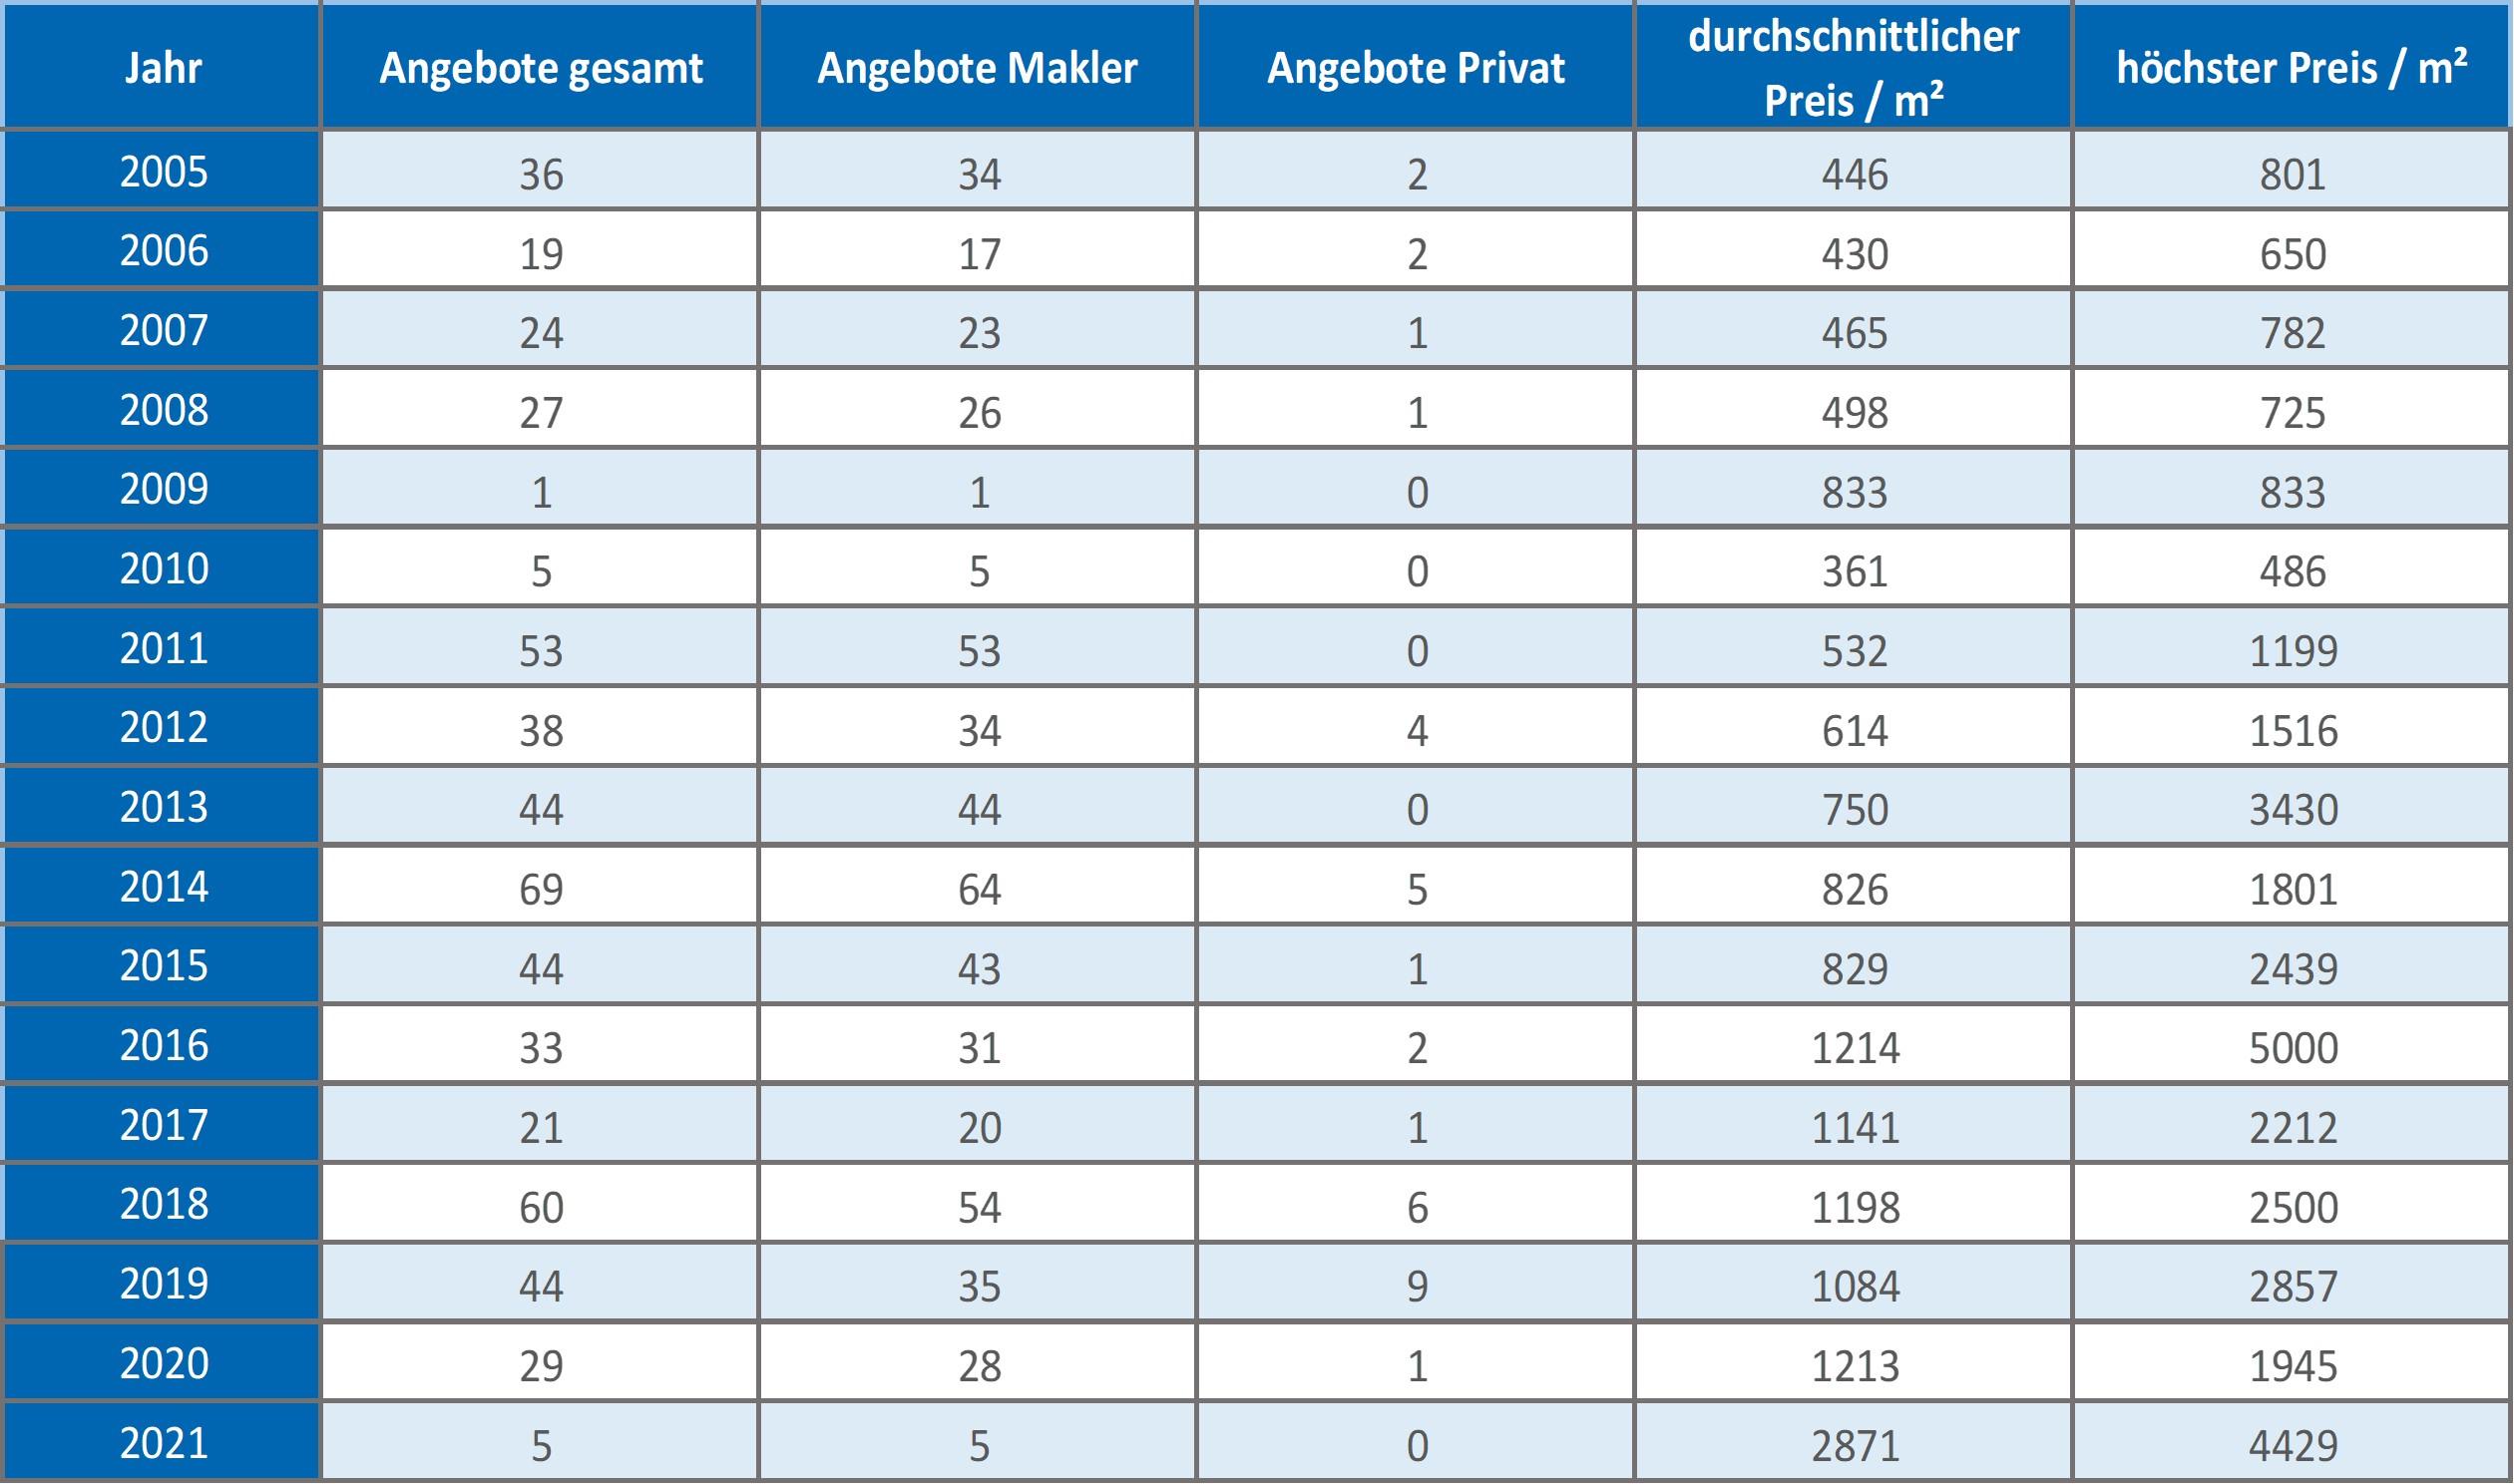 Berg-Grundstück-kaufen-verkaufen-Makler 2019, 2020, 2021